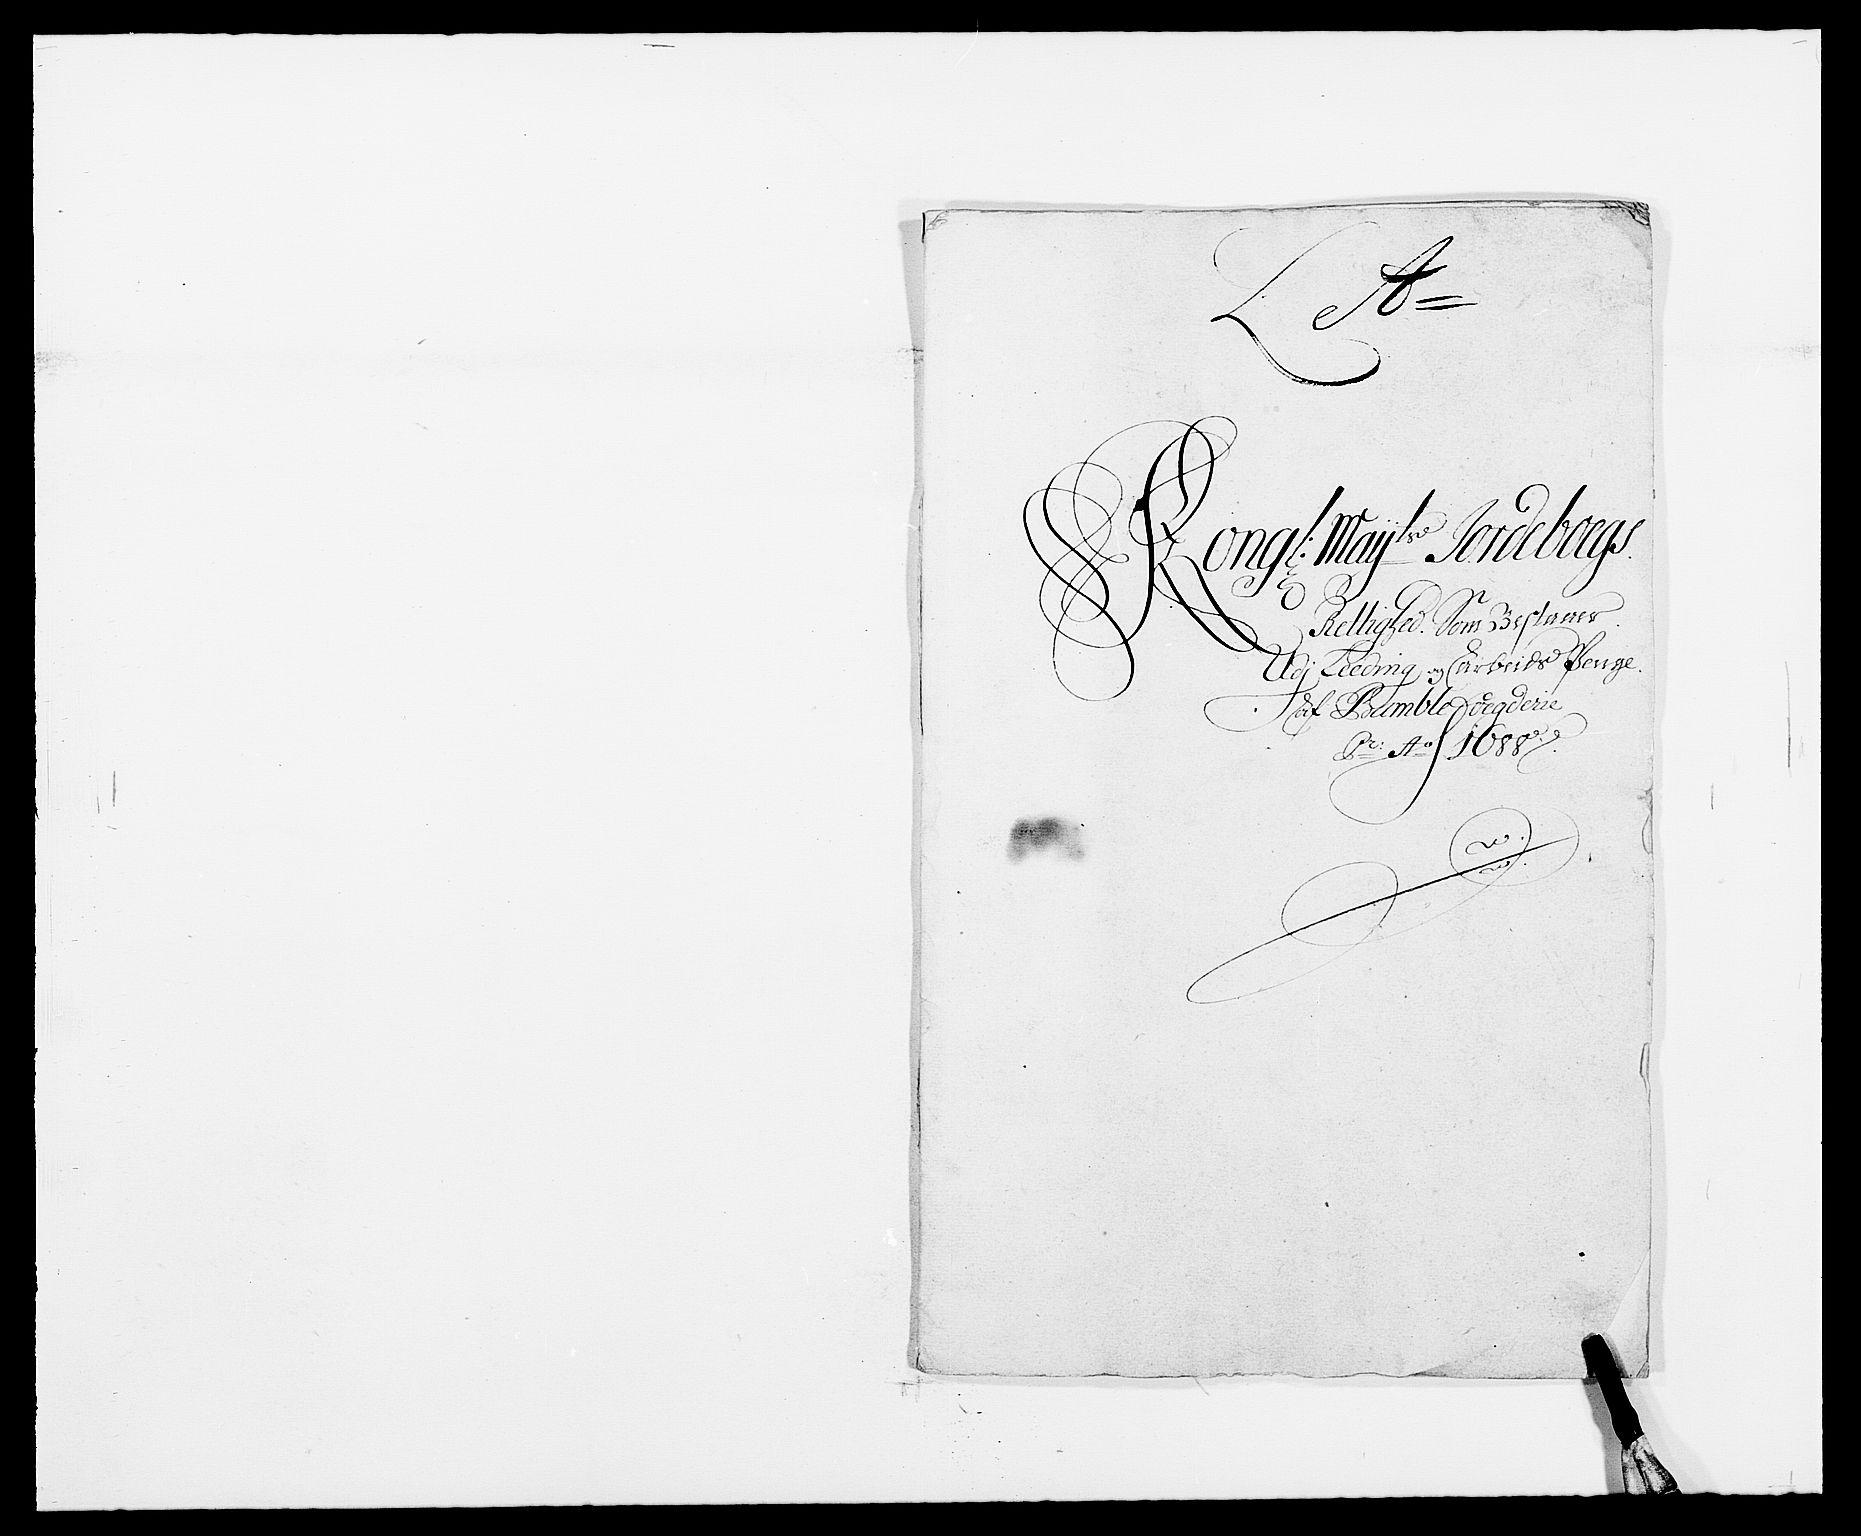 RA, Rentekammeret inntil 1814, Reviderte regnskaper, Fogderegnskap, R34/L2050: Fogderegnskap Bamble, 1688-1691, s. 45